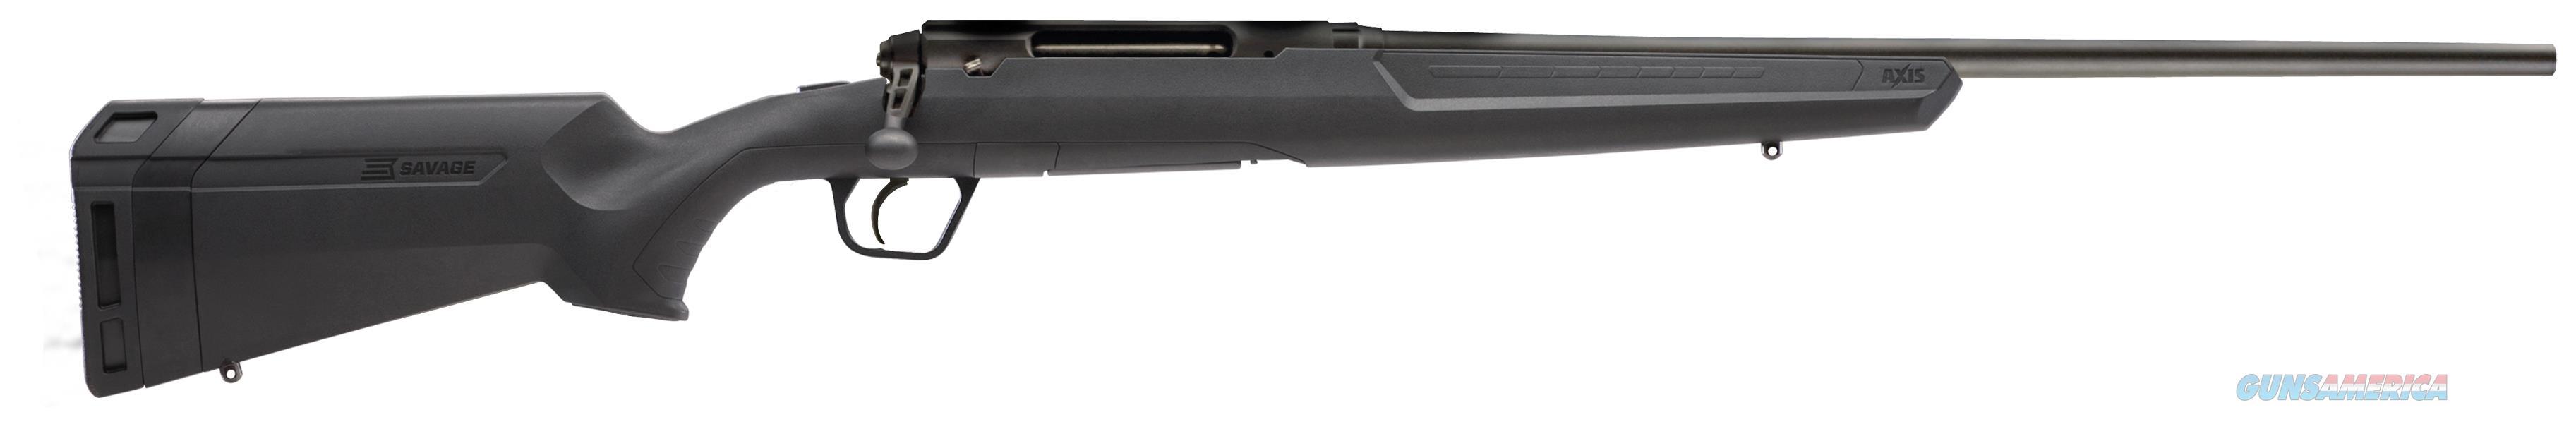 """Axis G2 270Win Bl/Syn 22"""" 57240  Guns > Rifles > S Misc Rifles"""